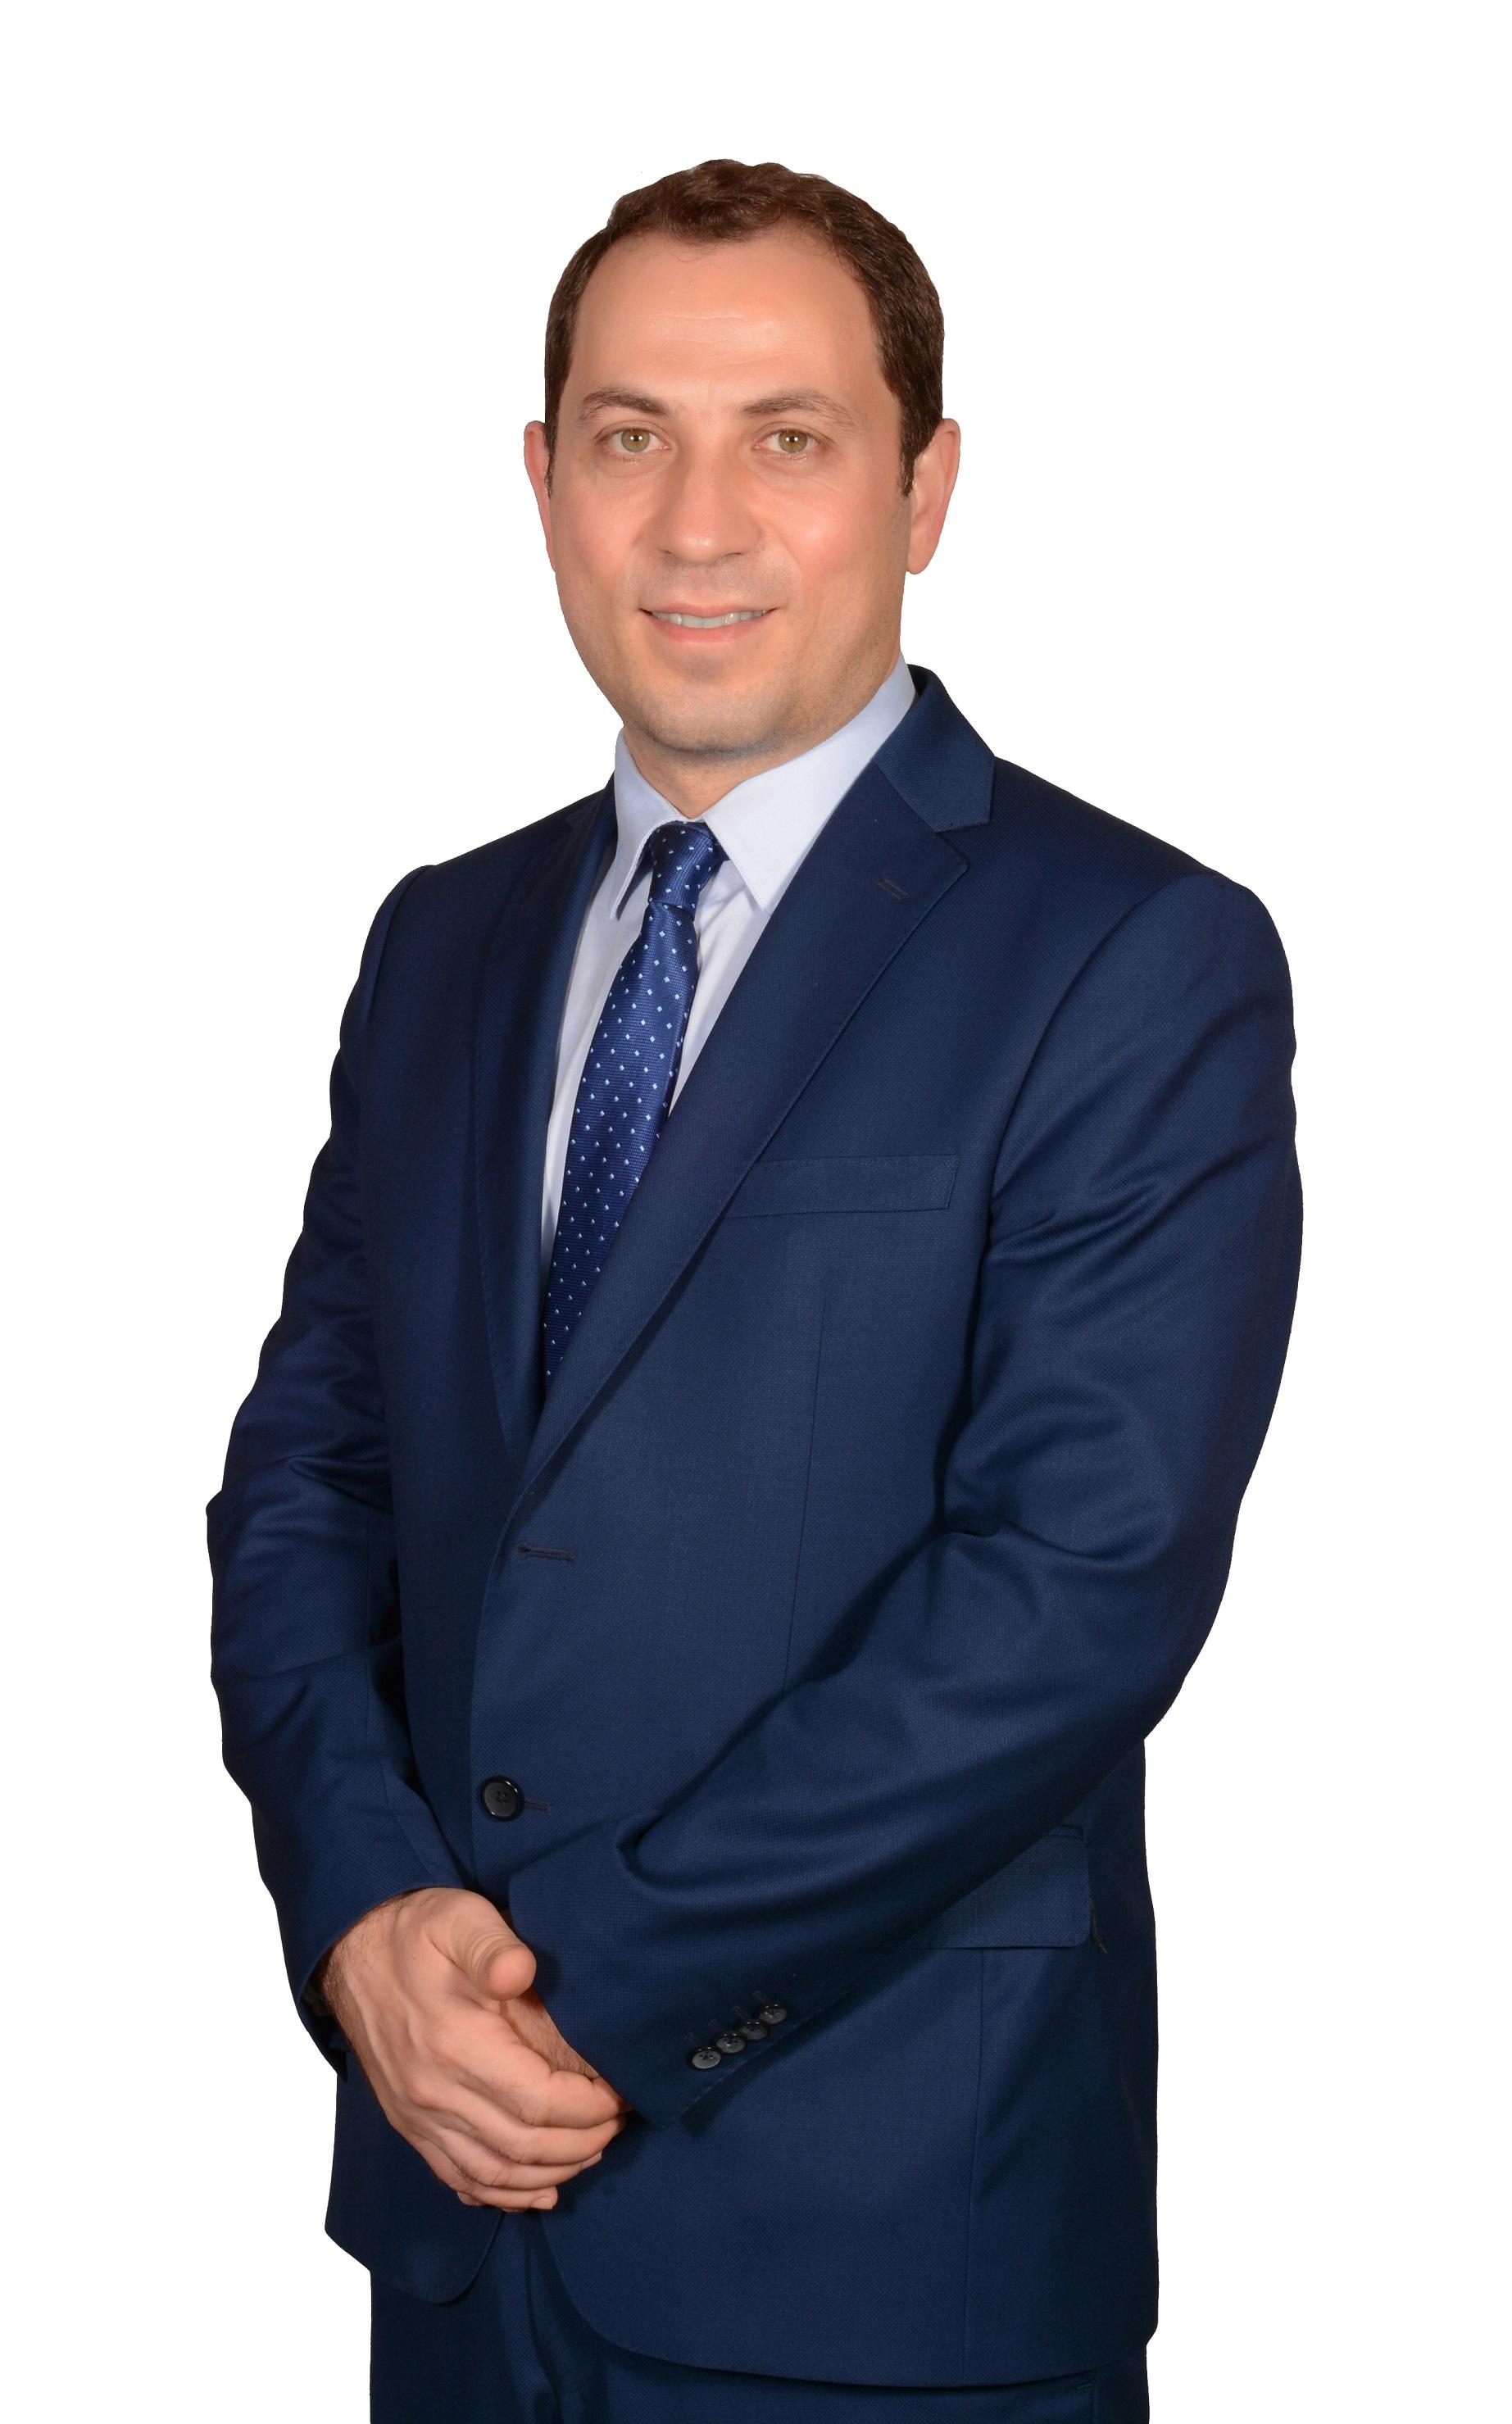 Dr. Charbel Moussallem